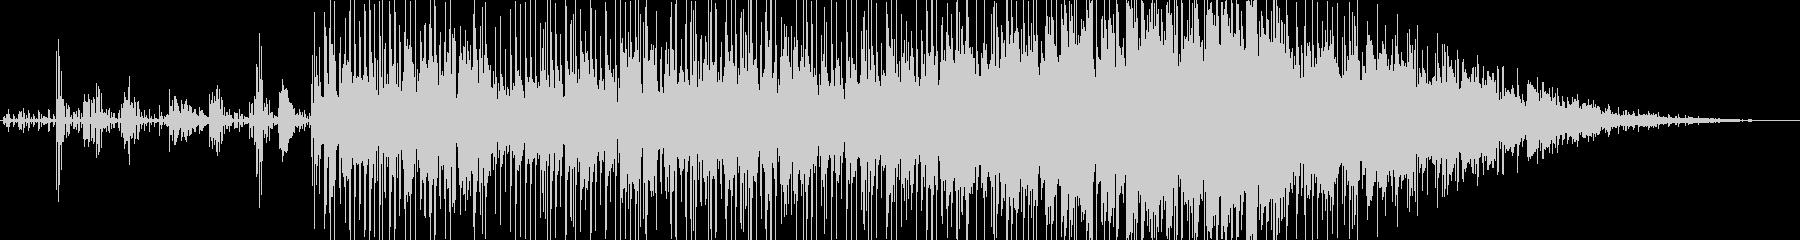 アーバン、パワフル、反復的。コード...の未再生の波形